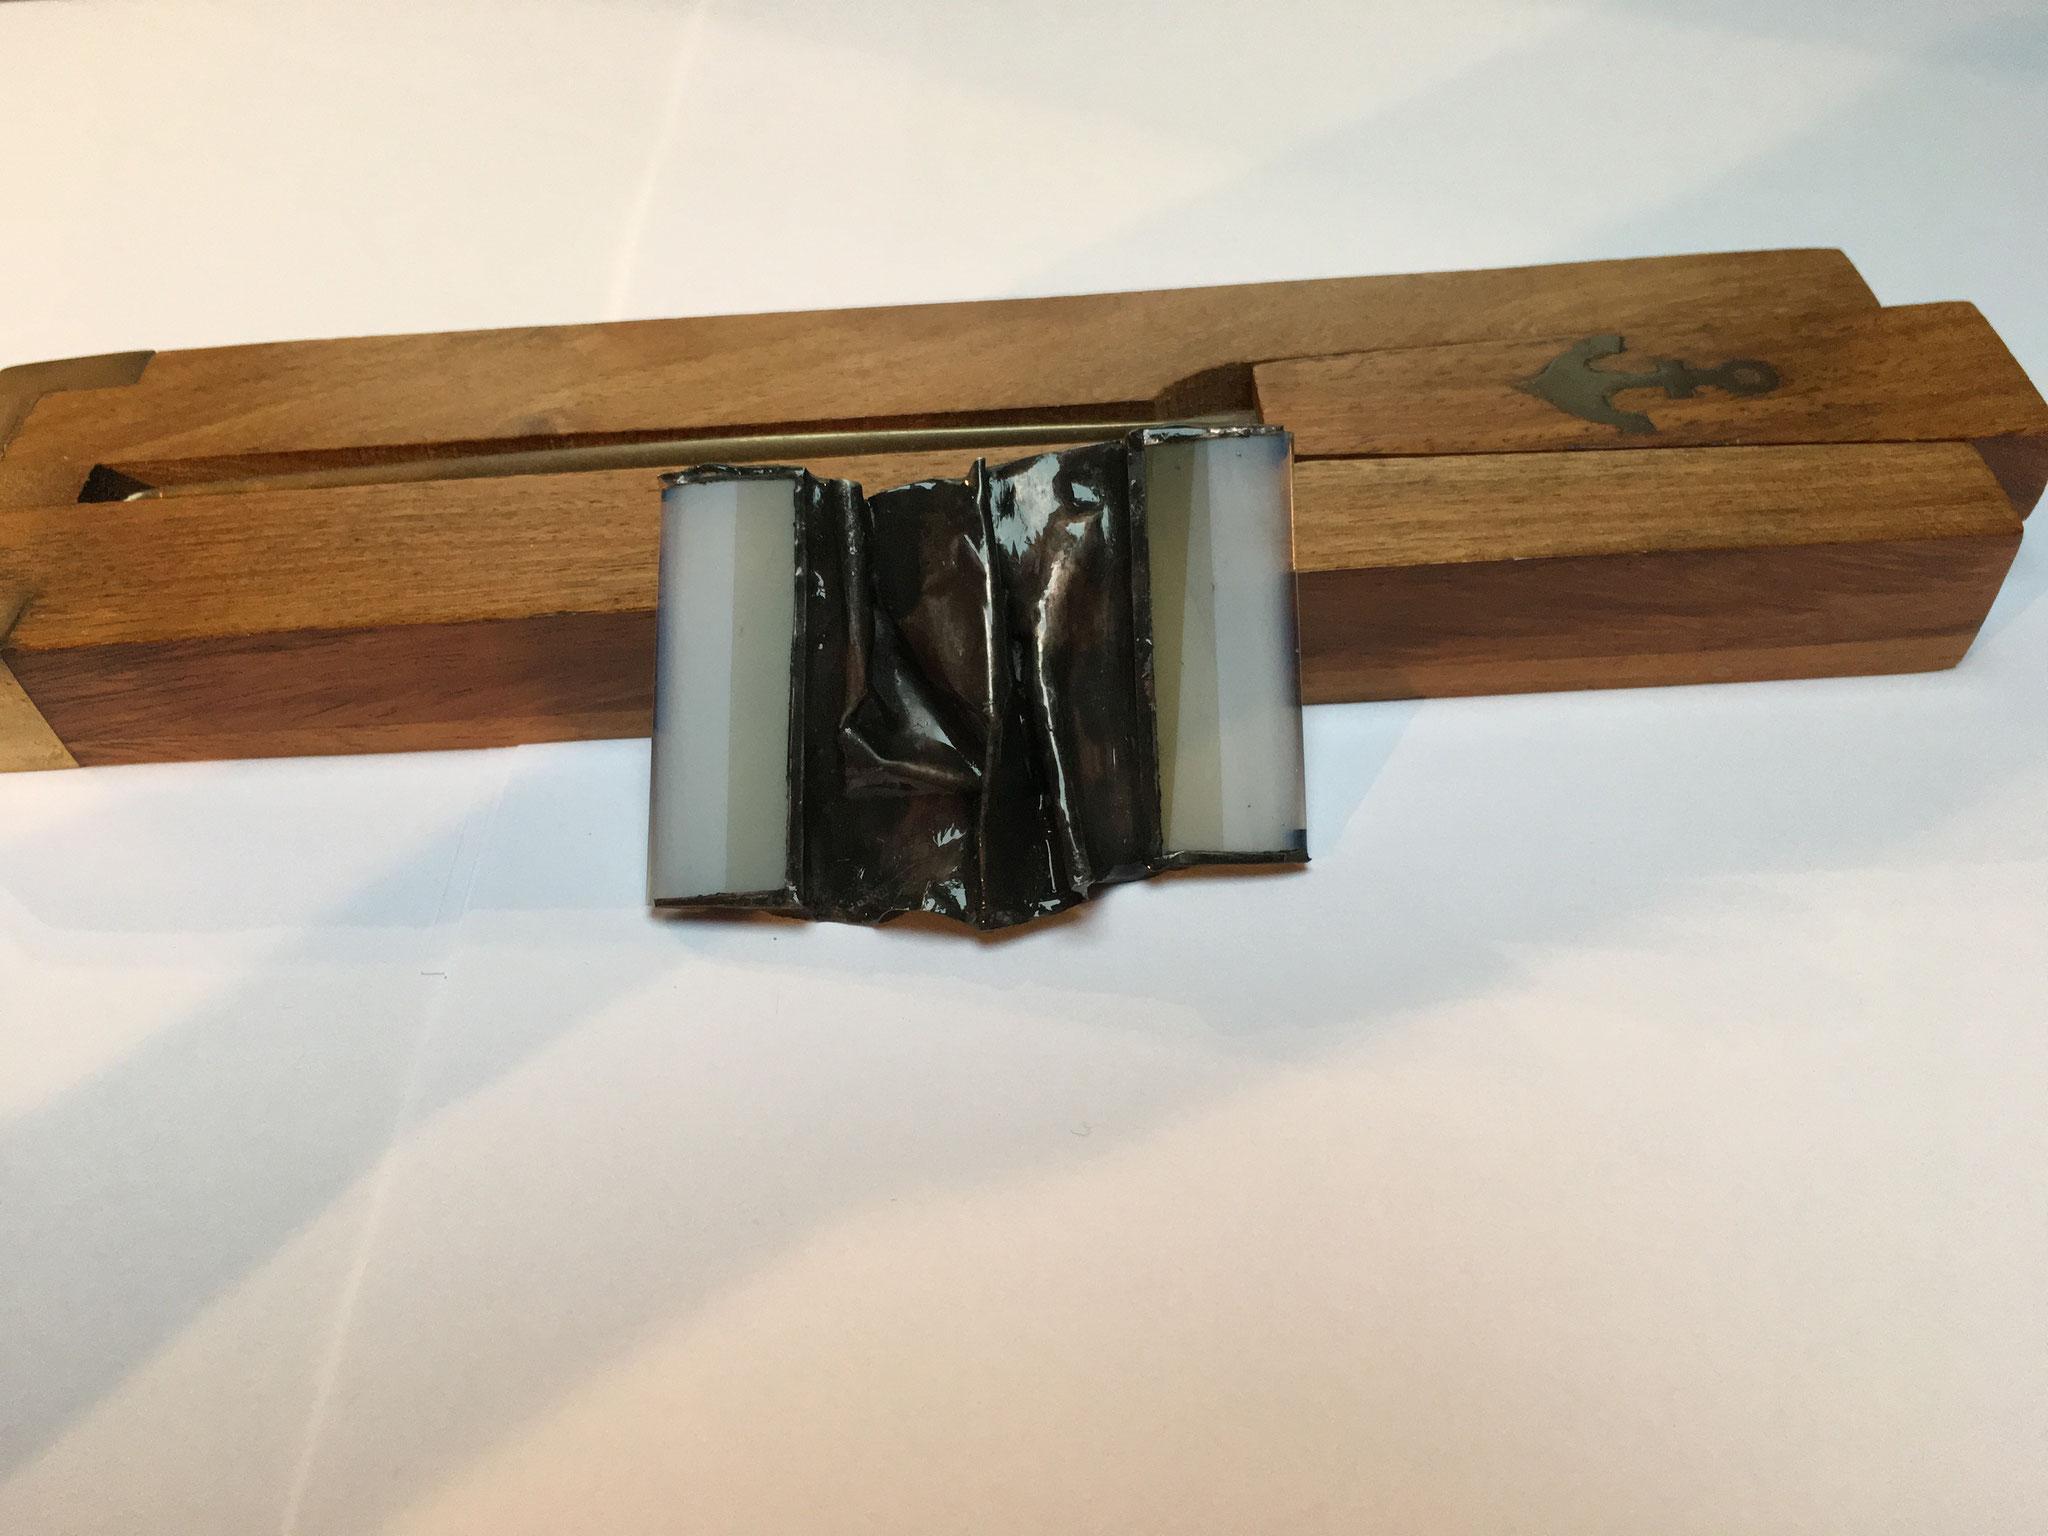 Broche verre et cuivre étamé et patiné (6 x 4 cm) 20€     Ref: BR1